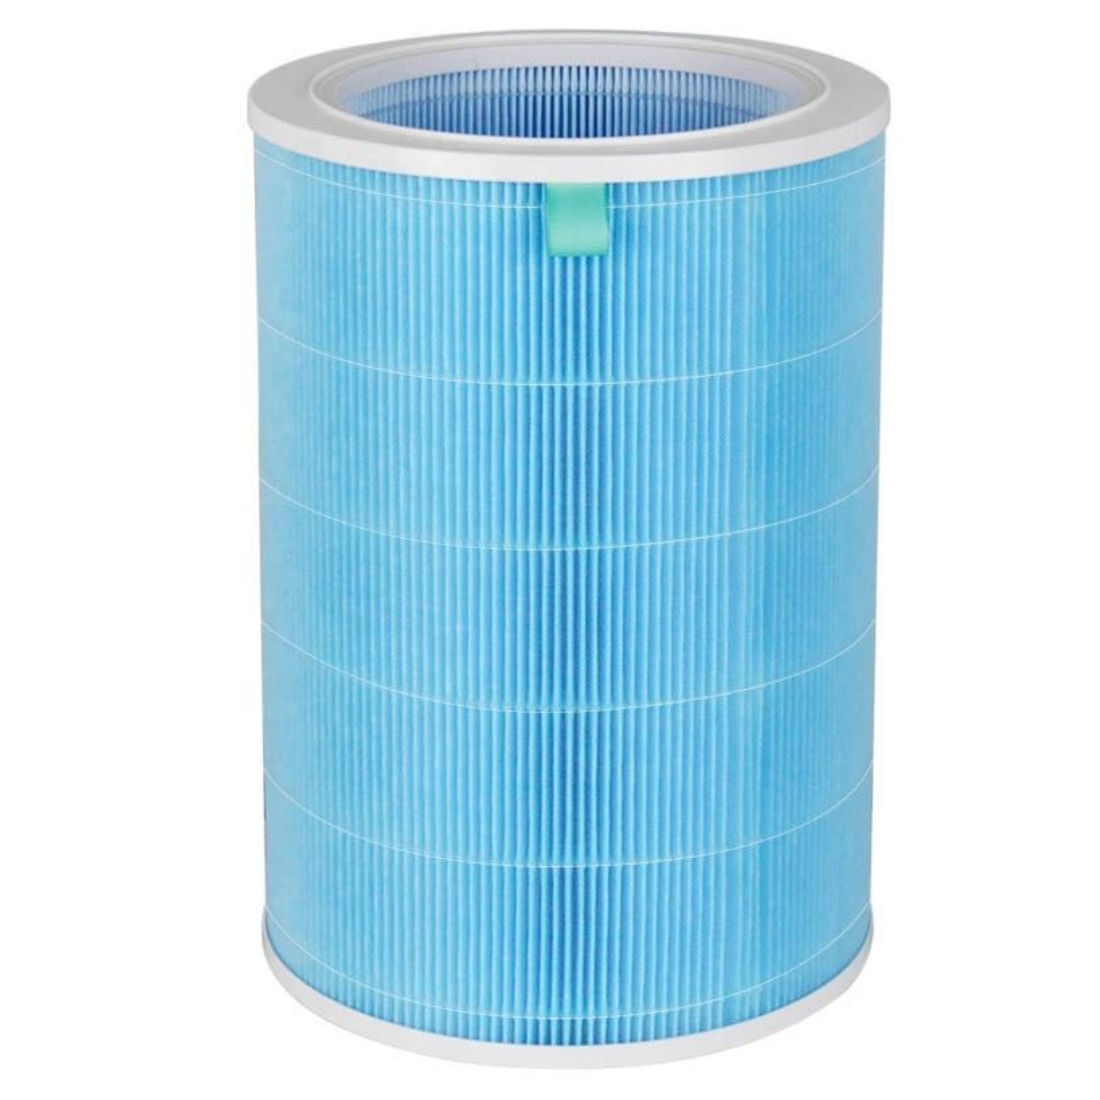 Fotografie Filtru Xiaomi BHR4282GL, Antibacterian compatibil Mi Air Purifier Pro H, Albastru